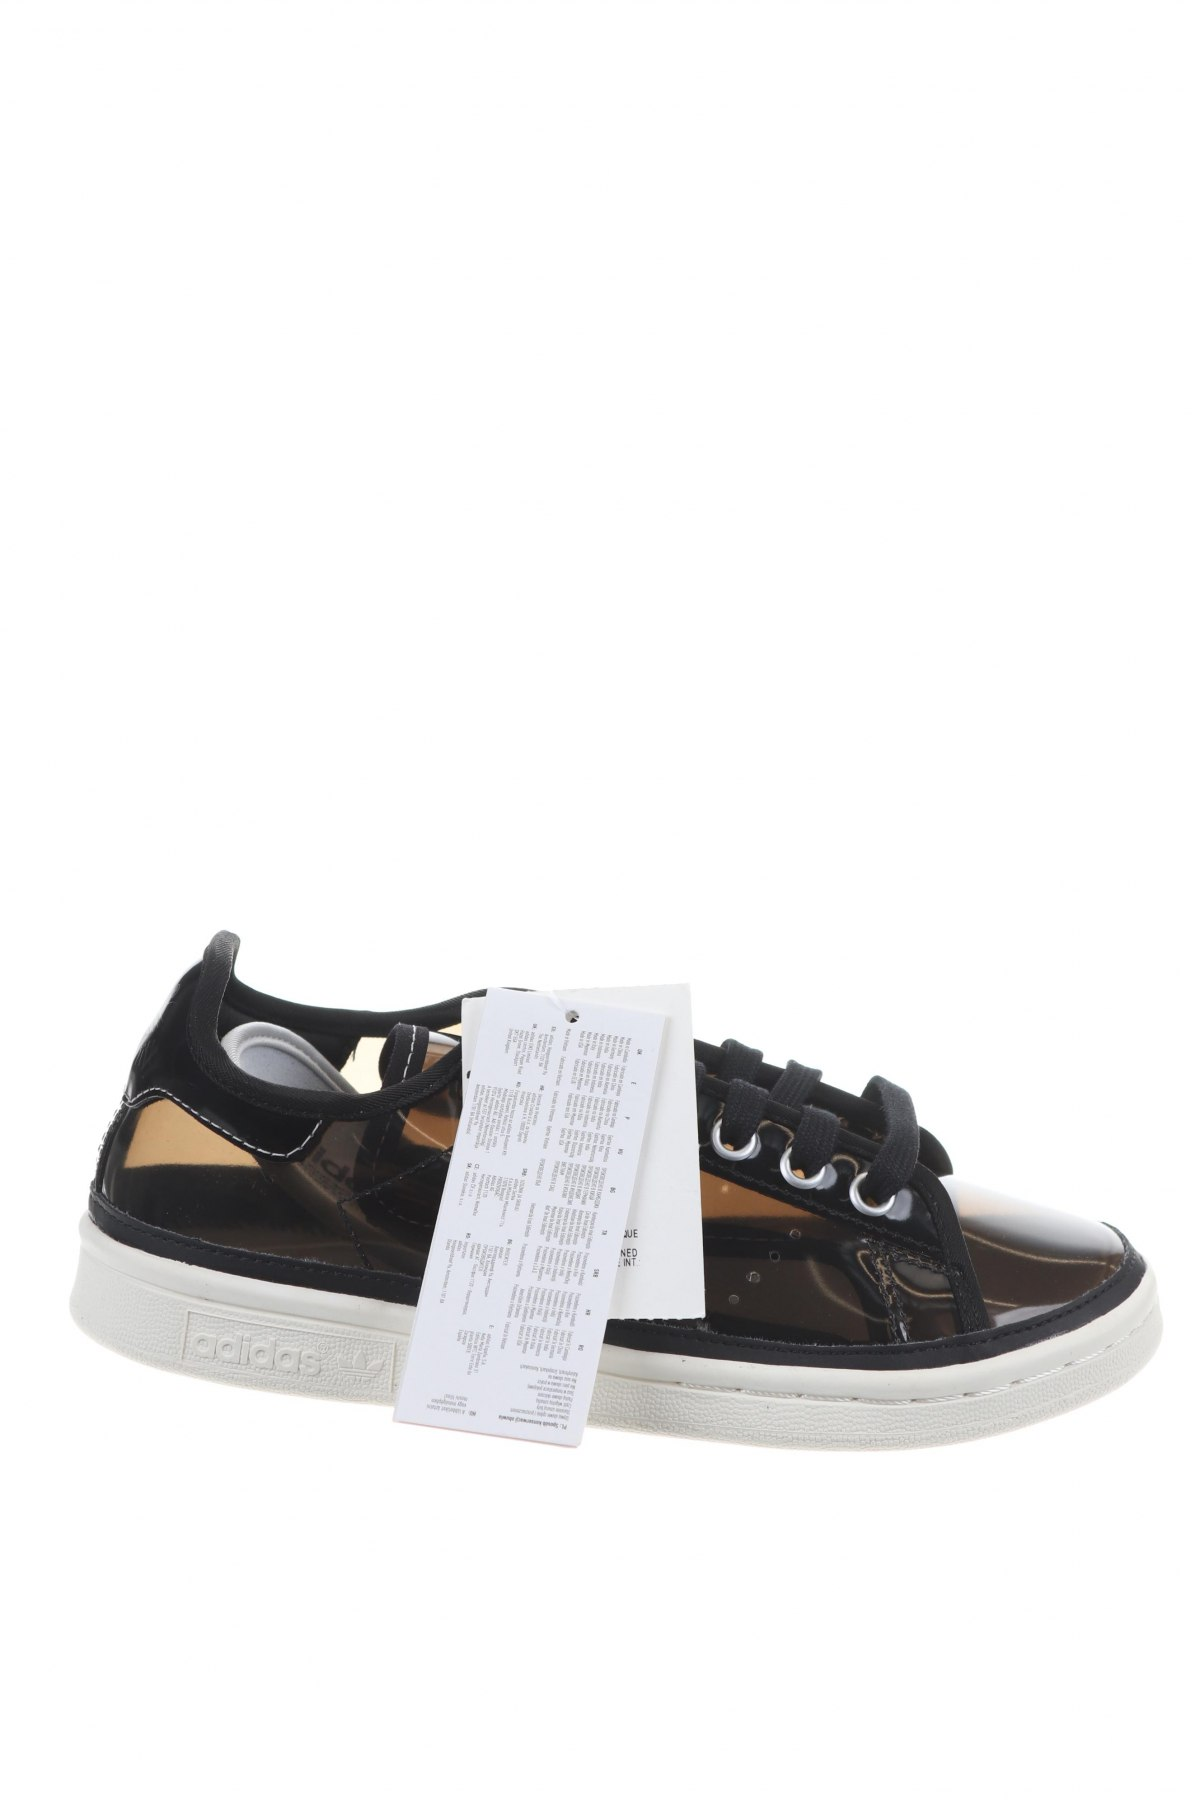 Γυναικεία παπούτσια Adidas Originals, Μέγεθος 36, Χρώμα Μαύρο, Πολυουρεθάνης, δερματίνη, Τιμή 24,39€